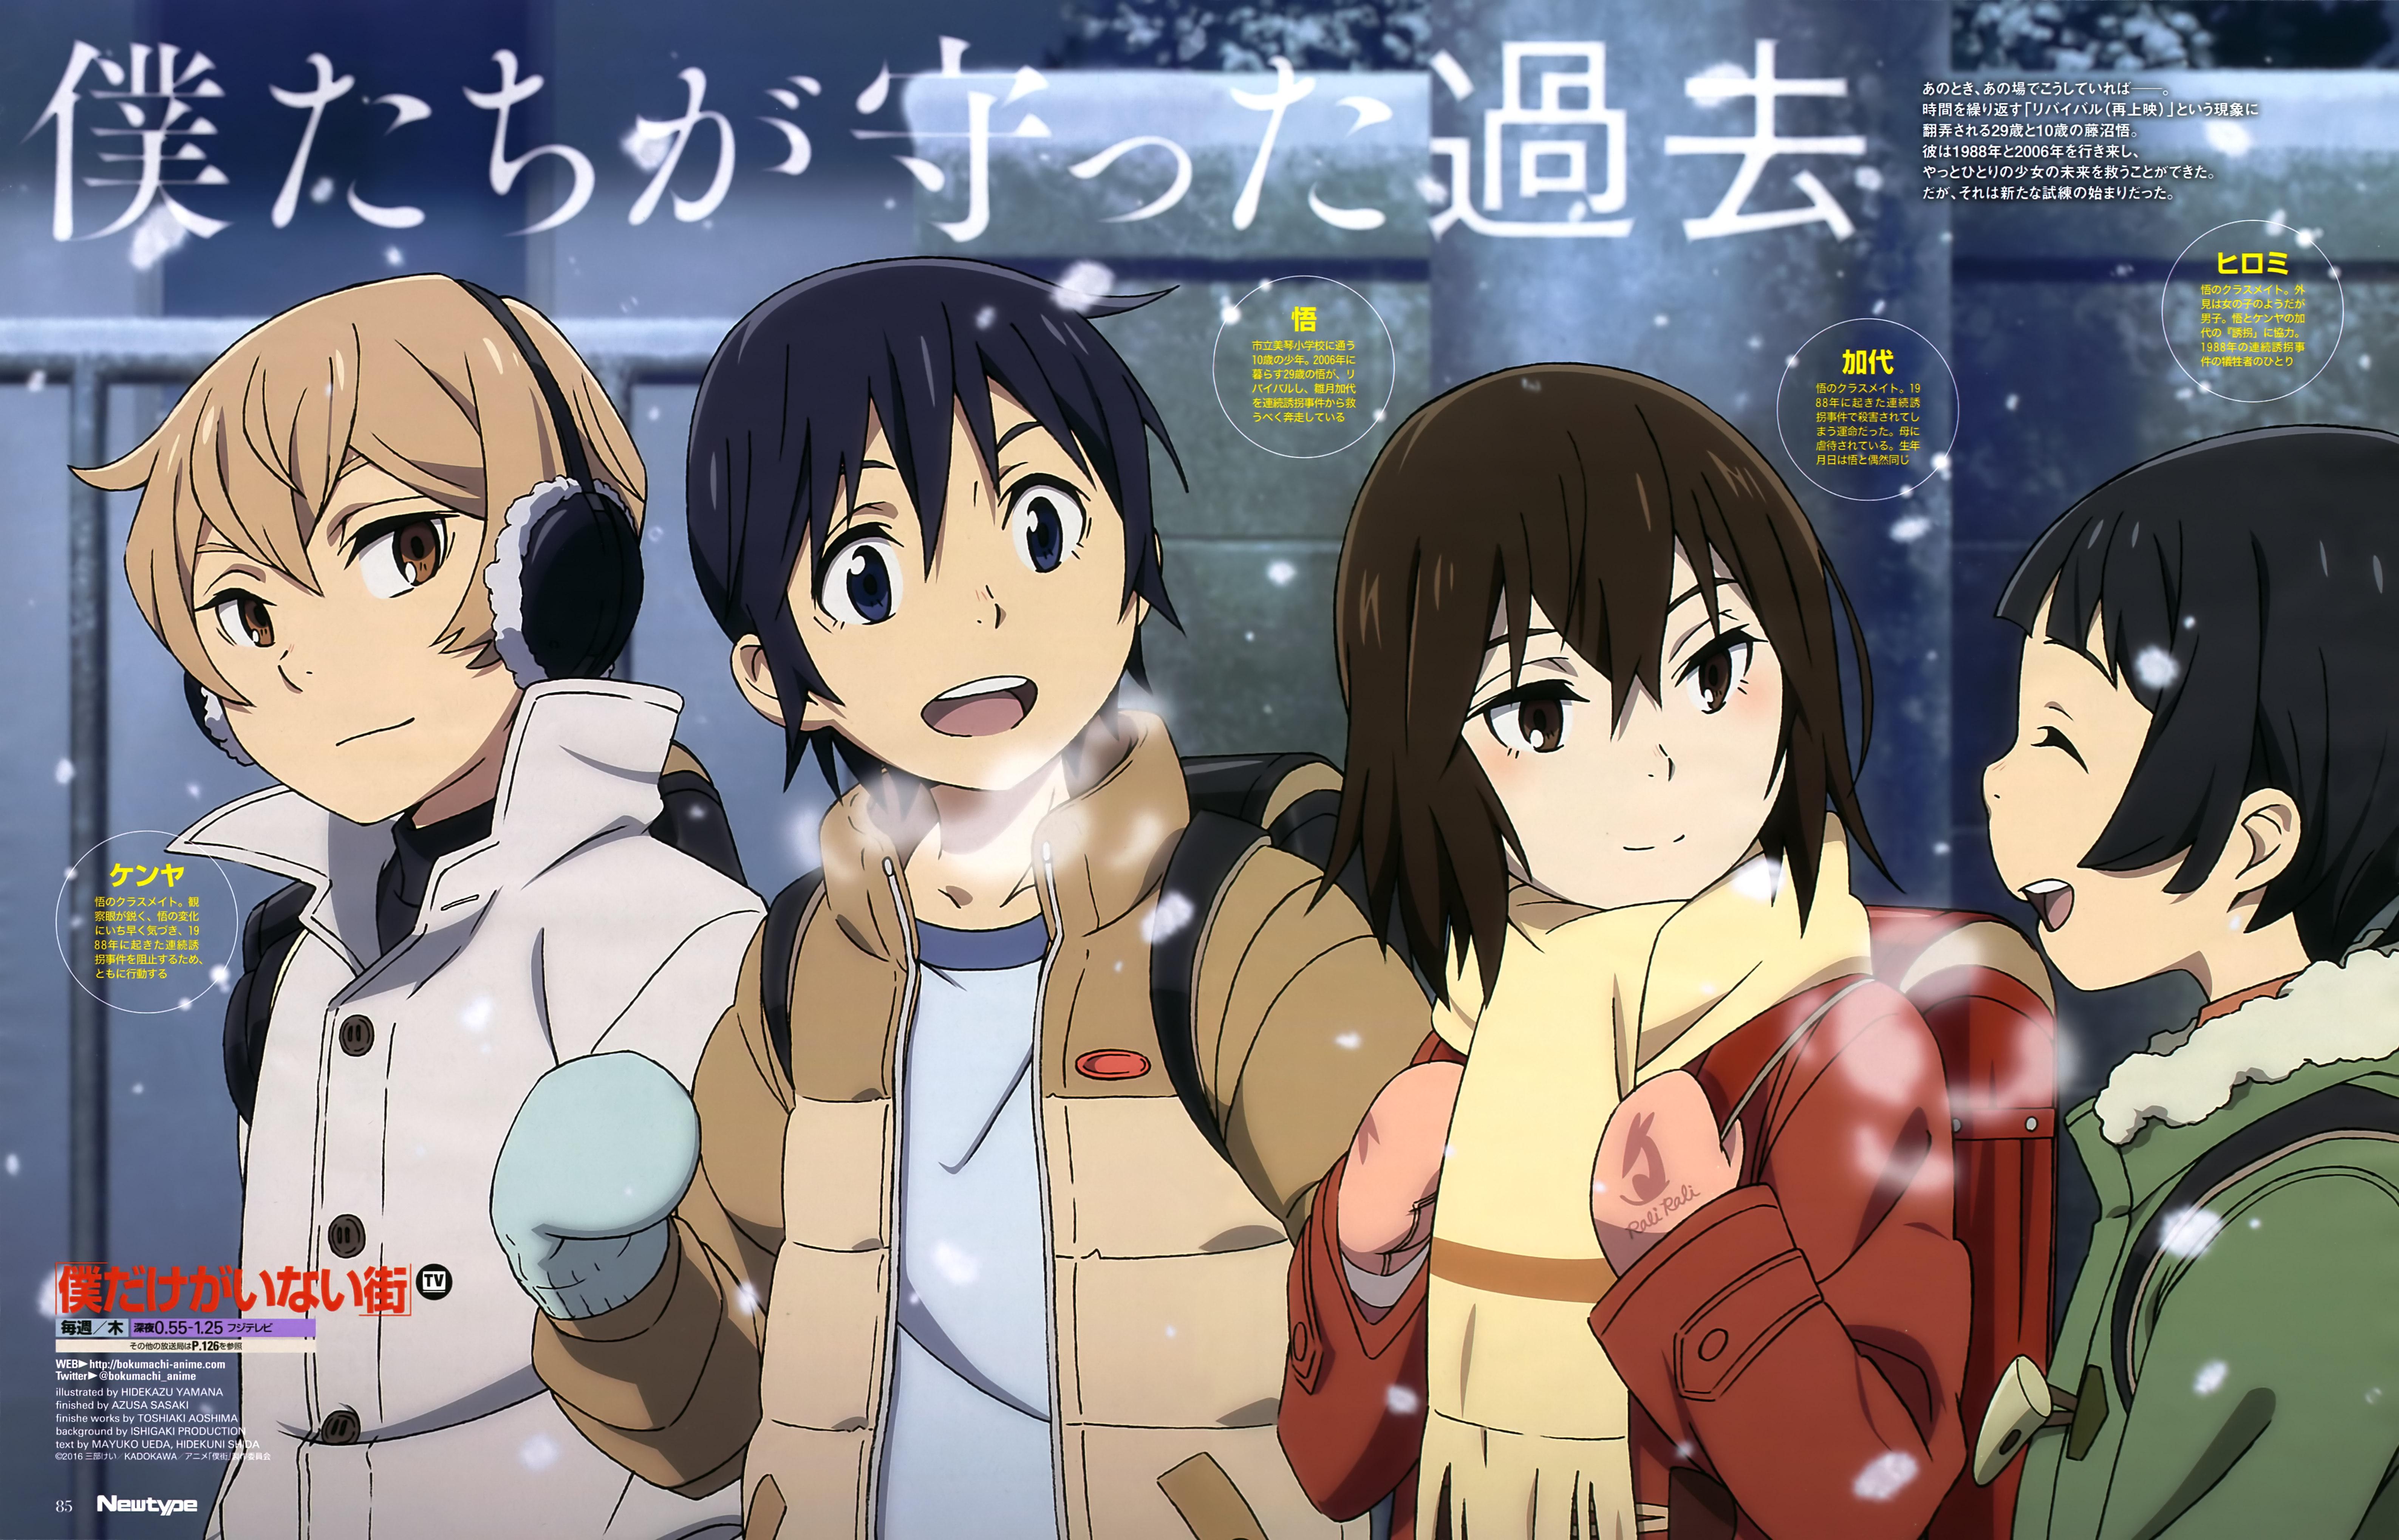 Tng Hp Fanart Anime Boku Dake Ga Inai Machi